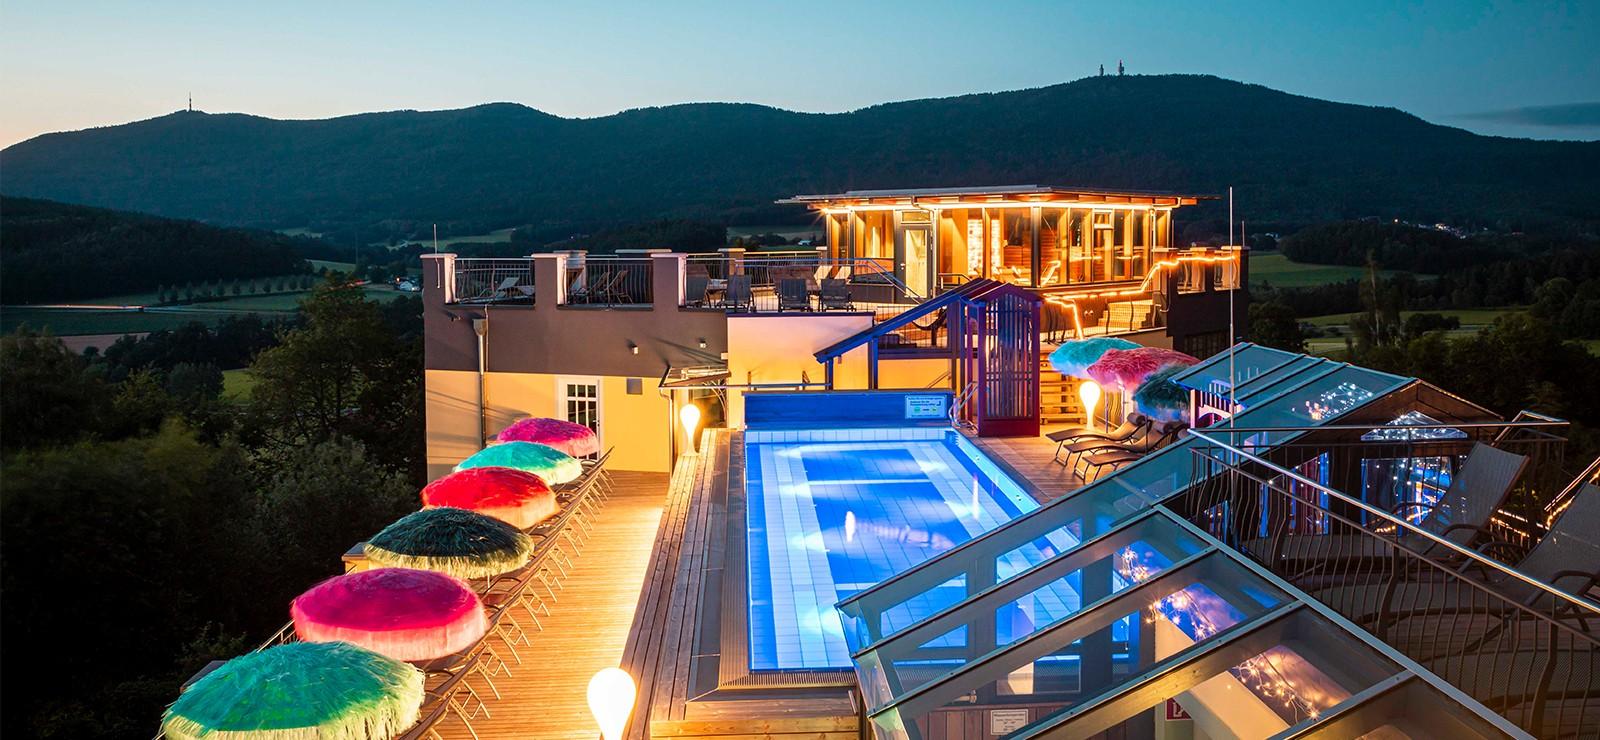 Spirit & Spa Hotel Birkenhof am Elfenhain Bilder | Bild 1